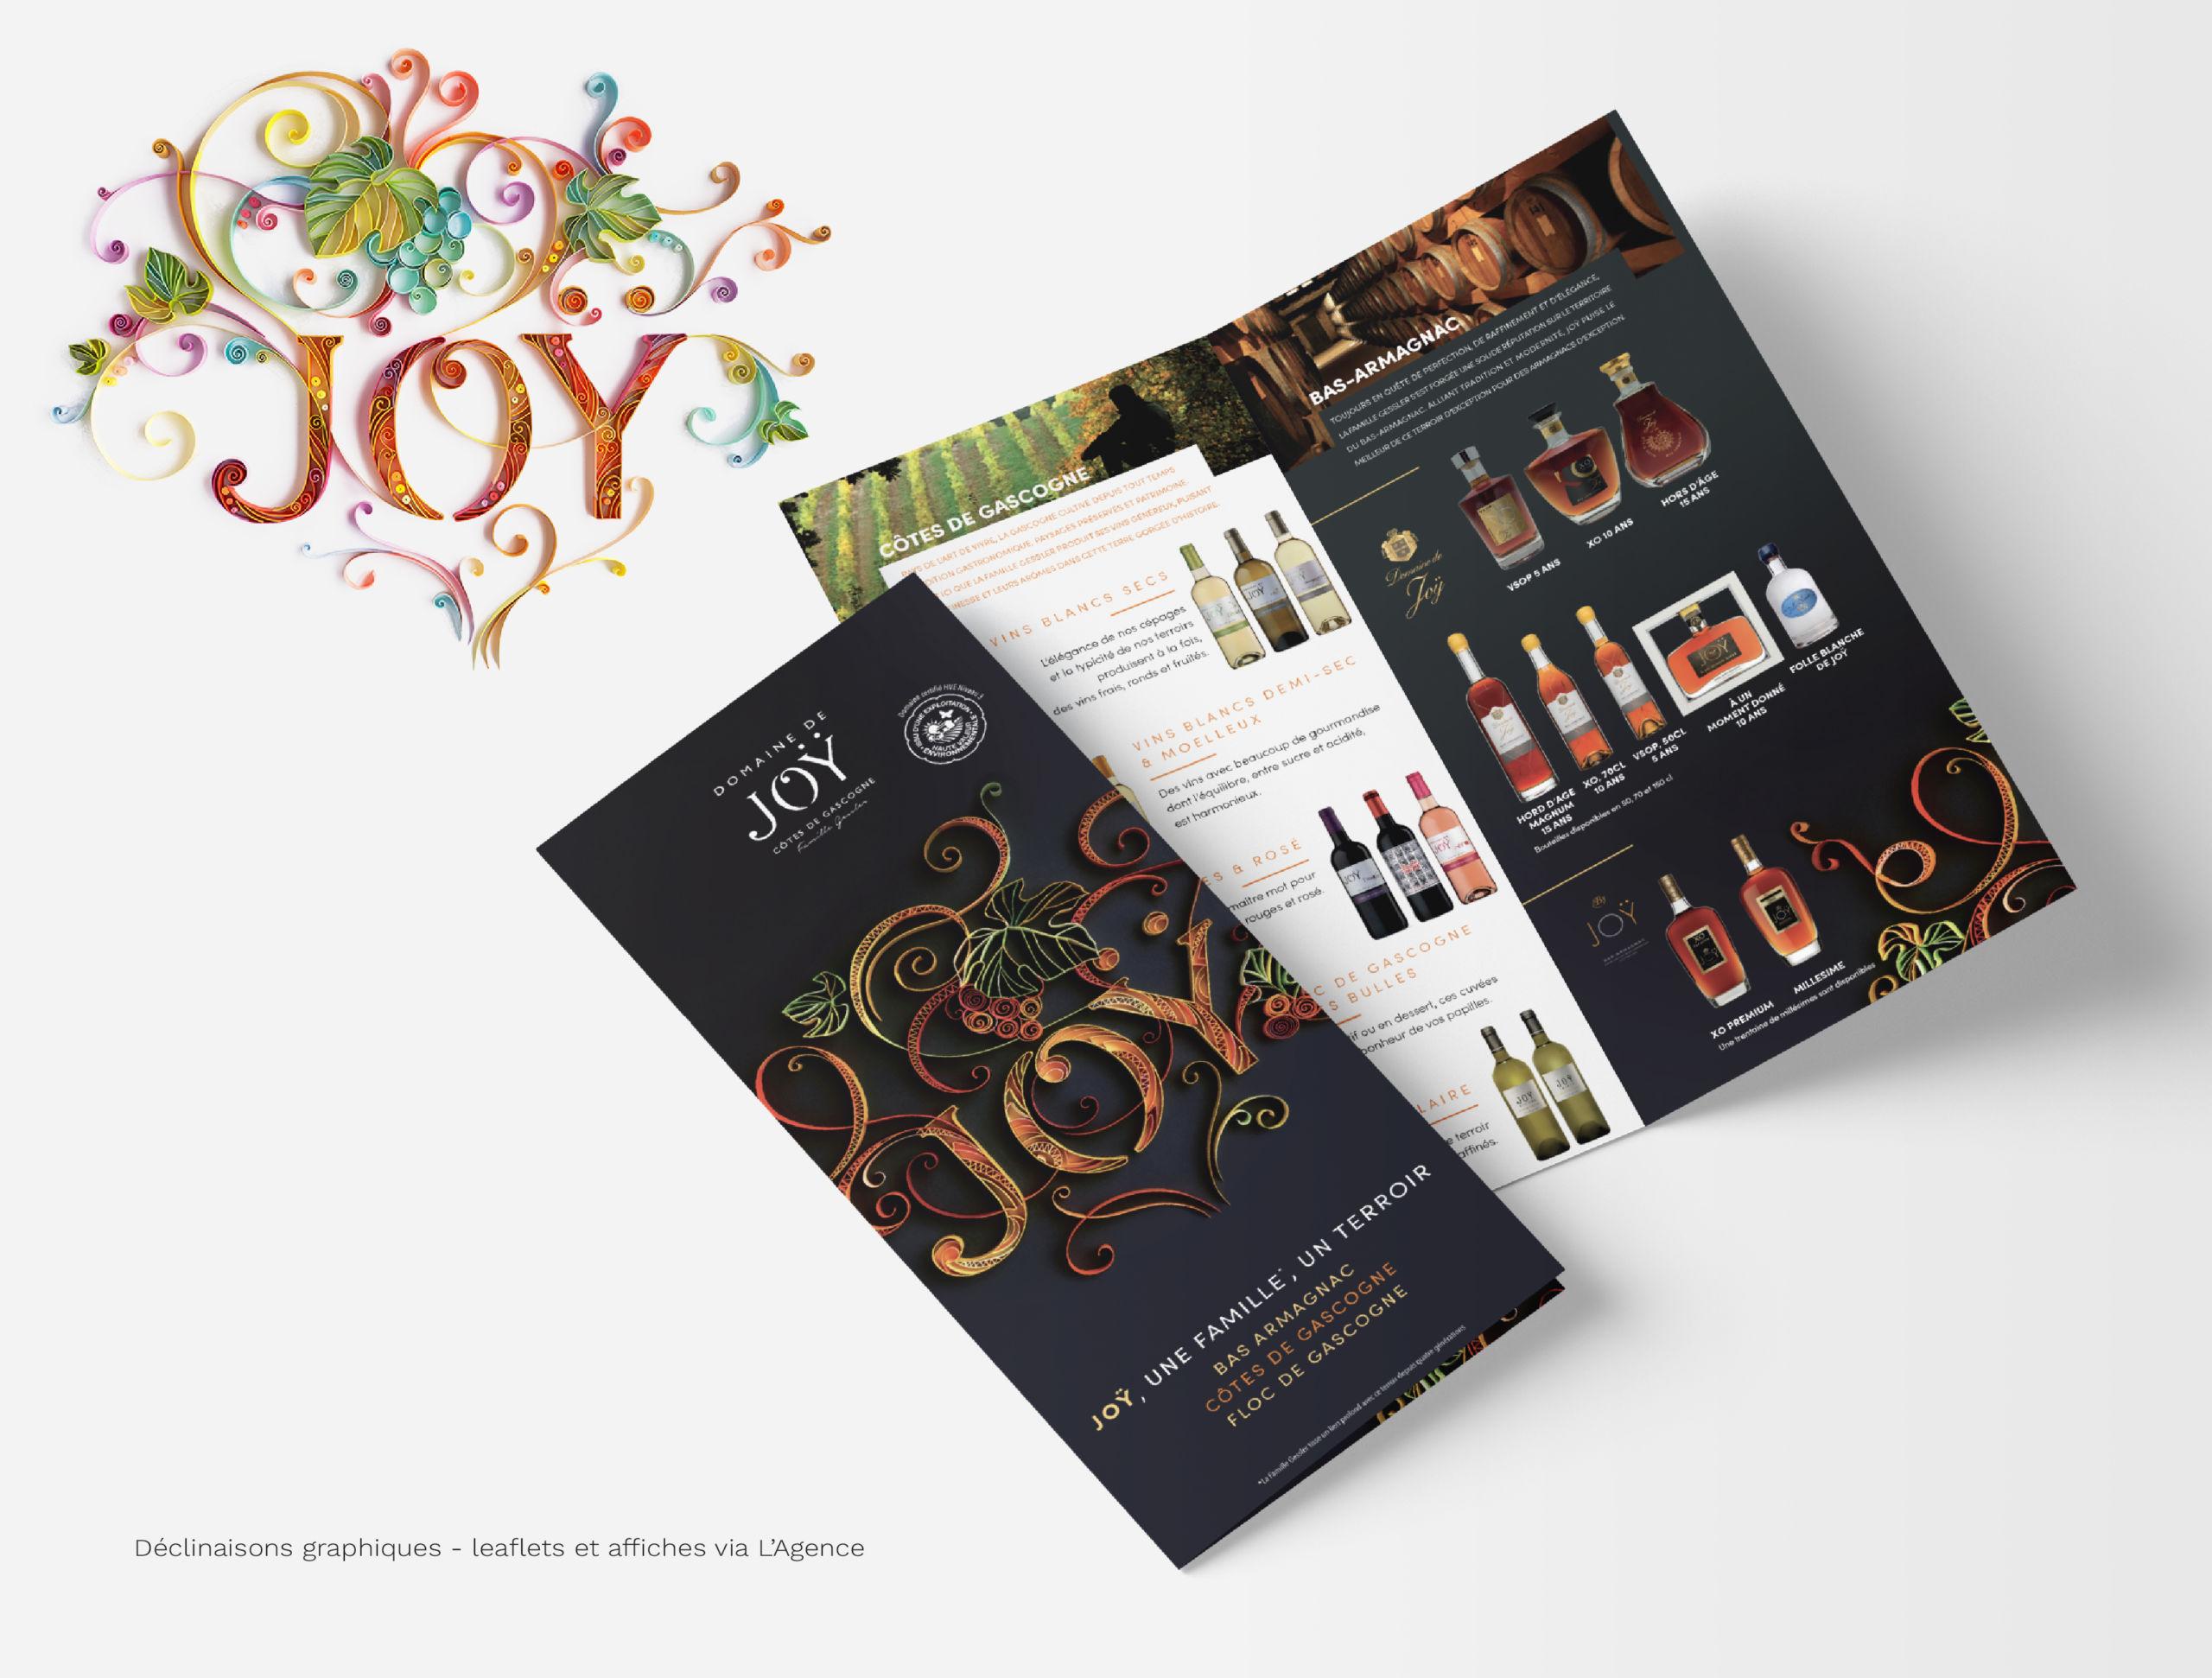 couverture leaflet domaine de joÿ